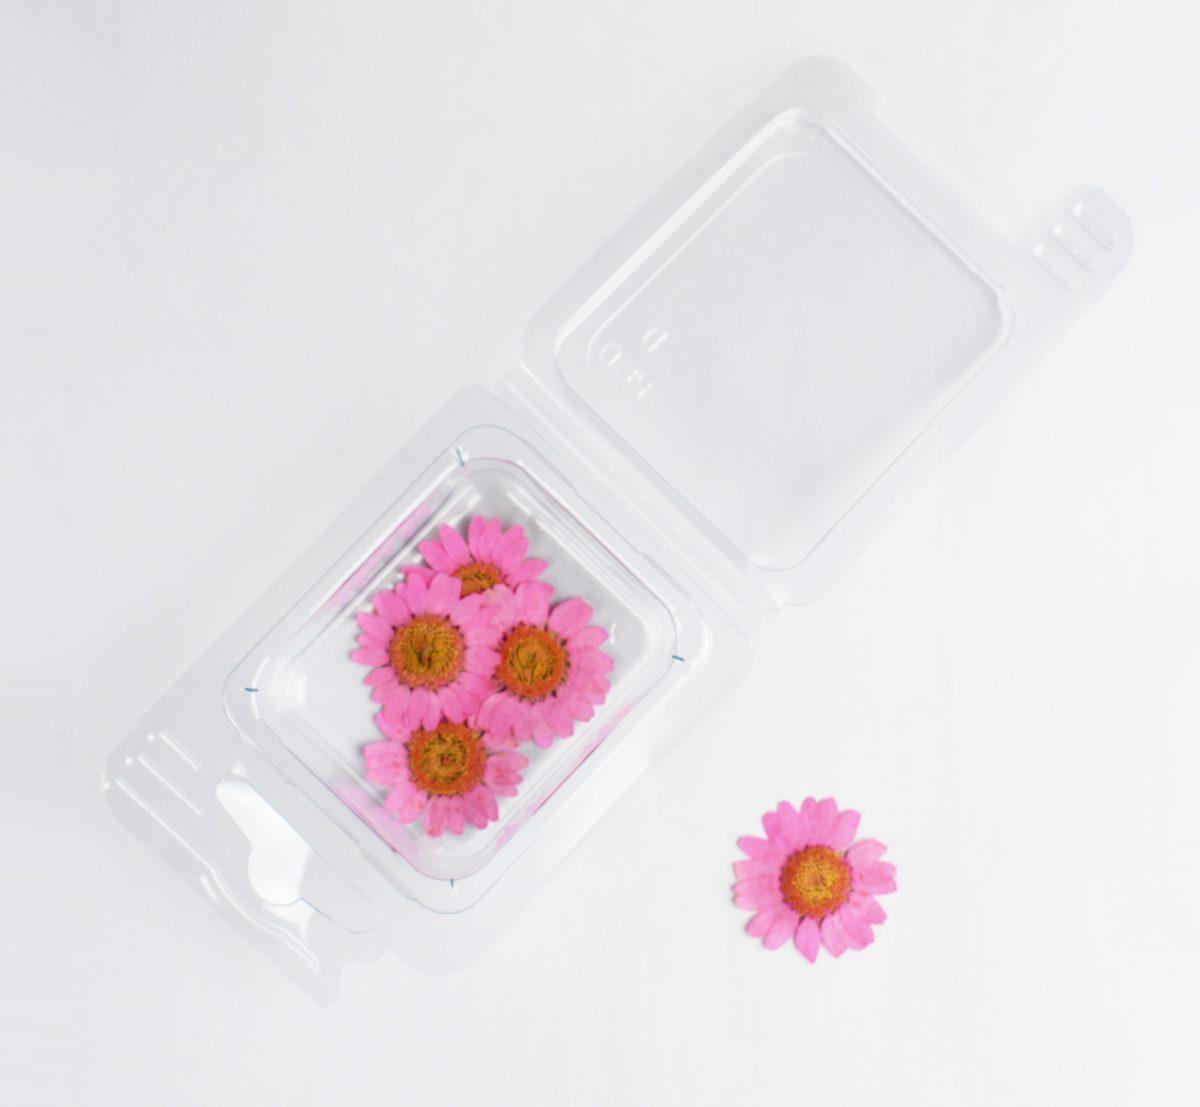 Fleurs séchées de camomille